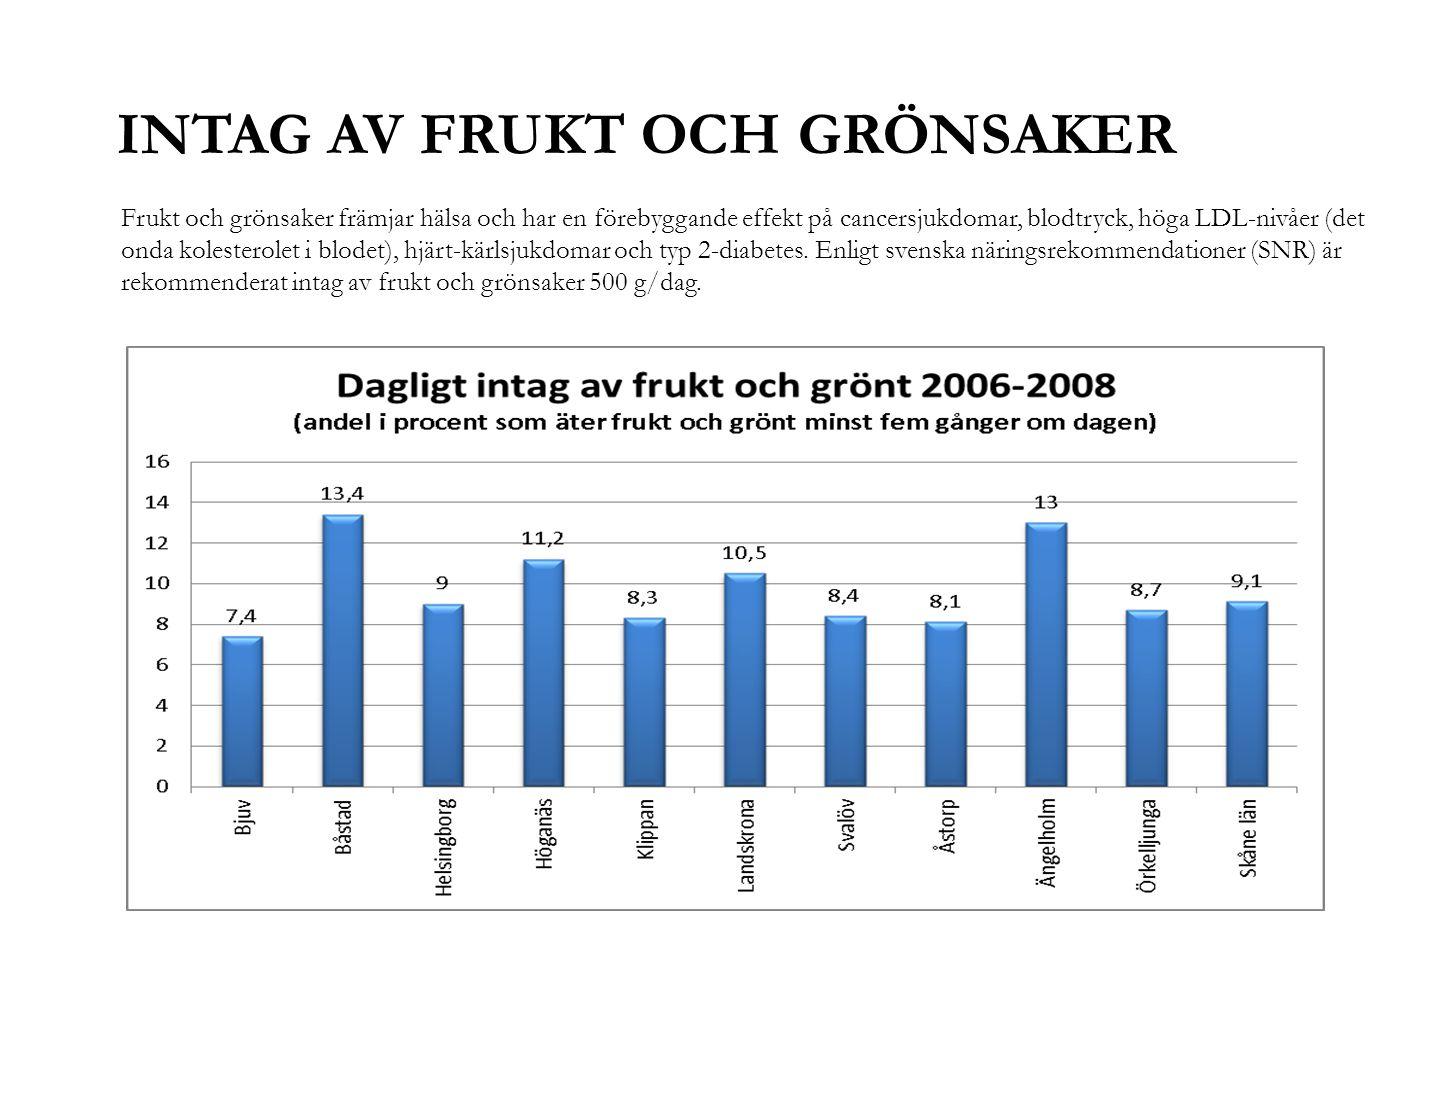 INTAG AV FRUKT OCH GRÖNSAKER Frukt och grönsaker främjar hälsa och har en förebyggande effekt på cancersjukdomar, blodtryck, höga LDL-nivåer (det onda